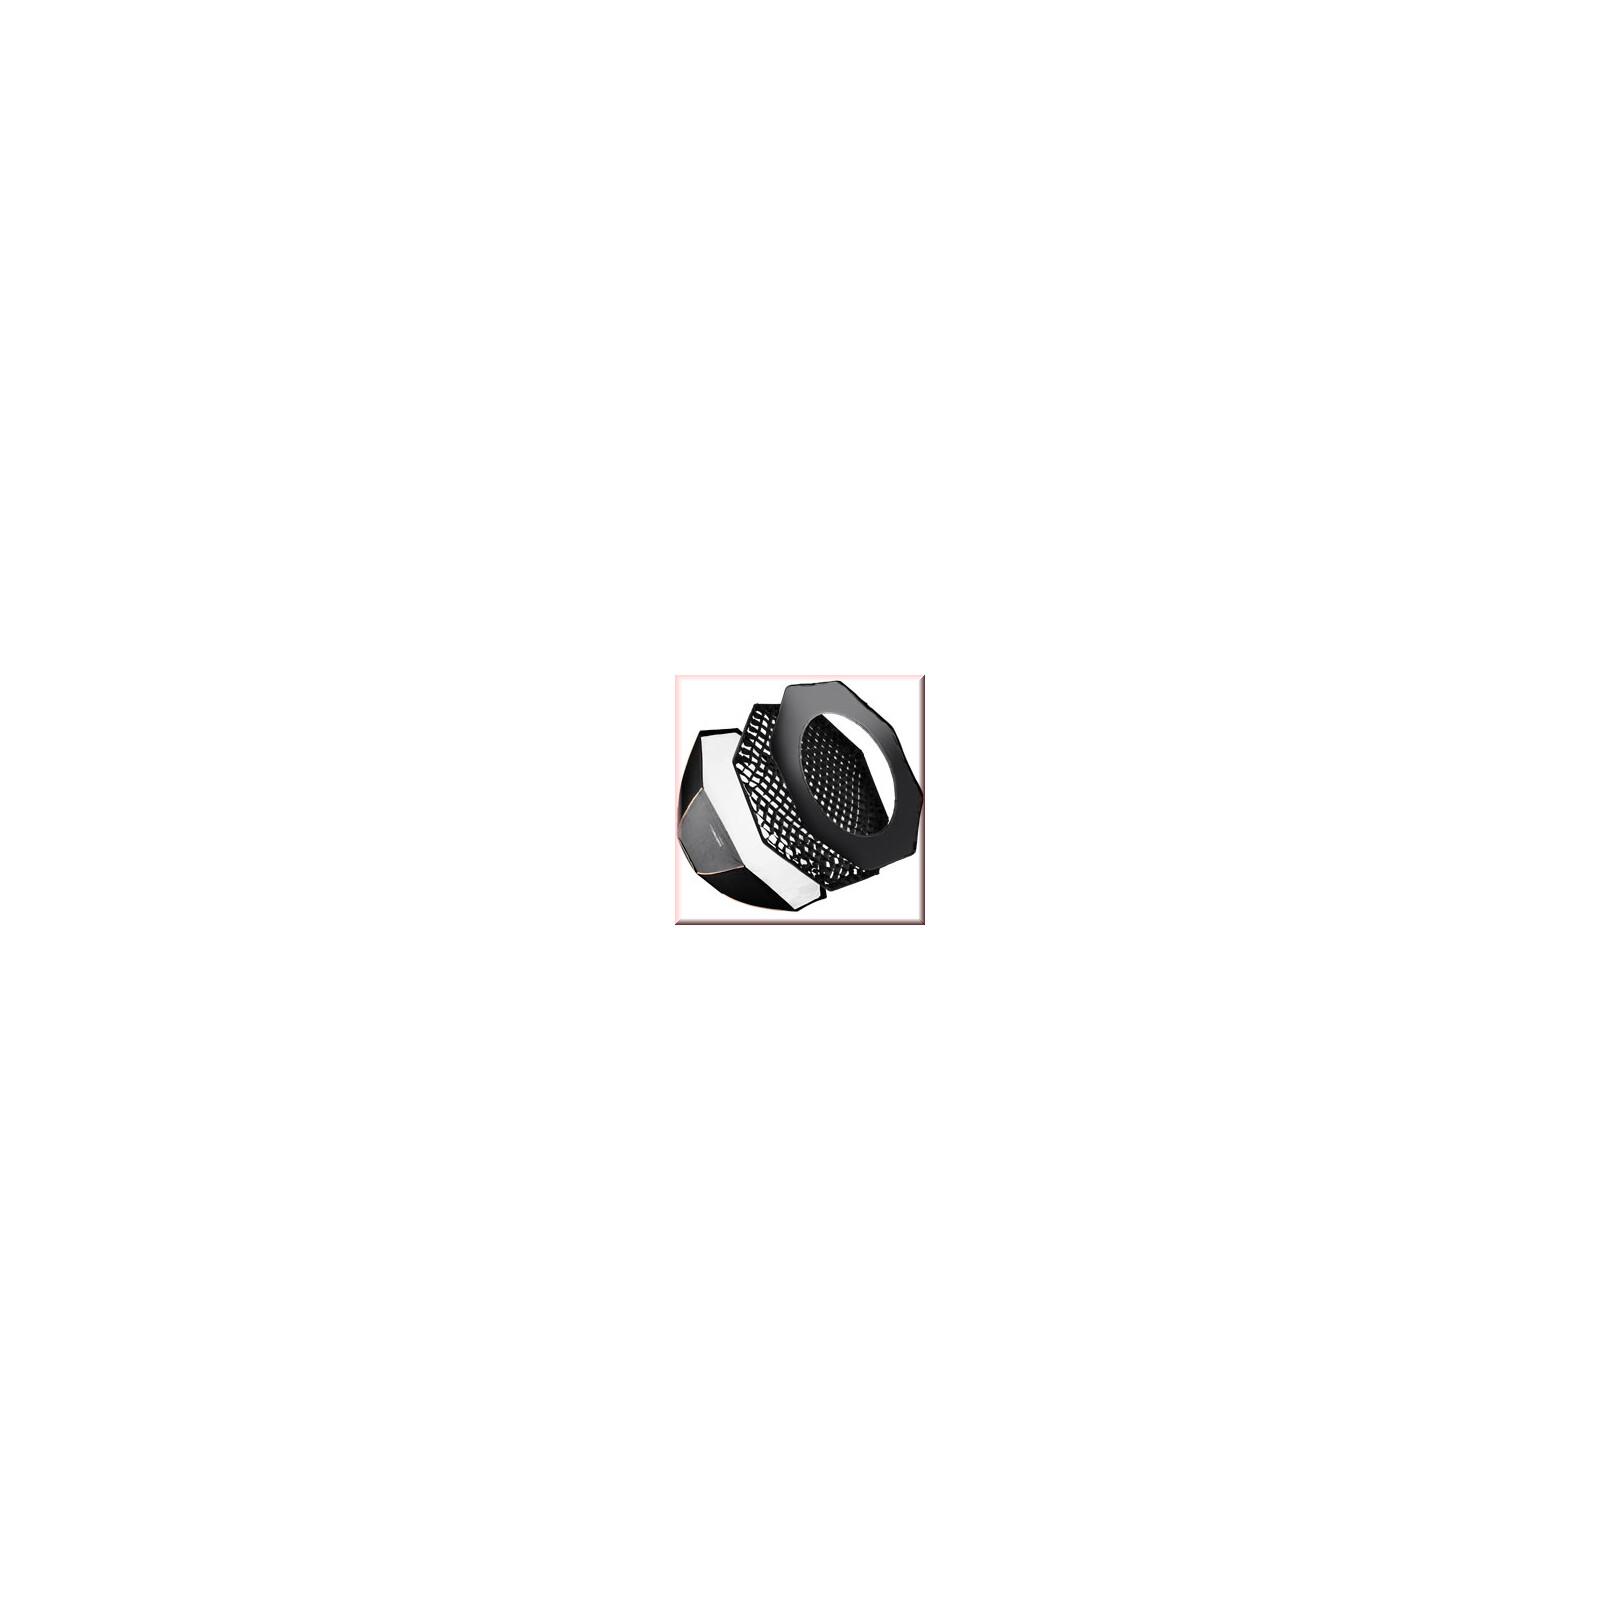 walimex pro Octa Softbox PLUS OL Ø213 Multiblitz P